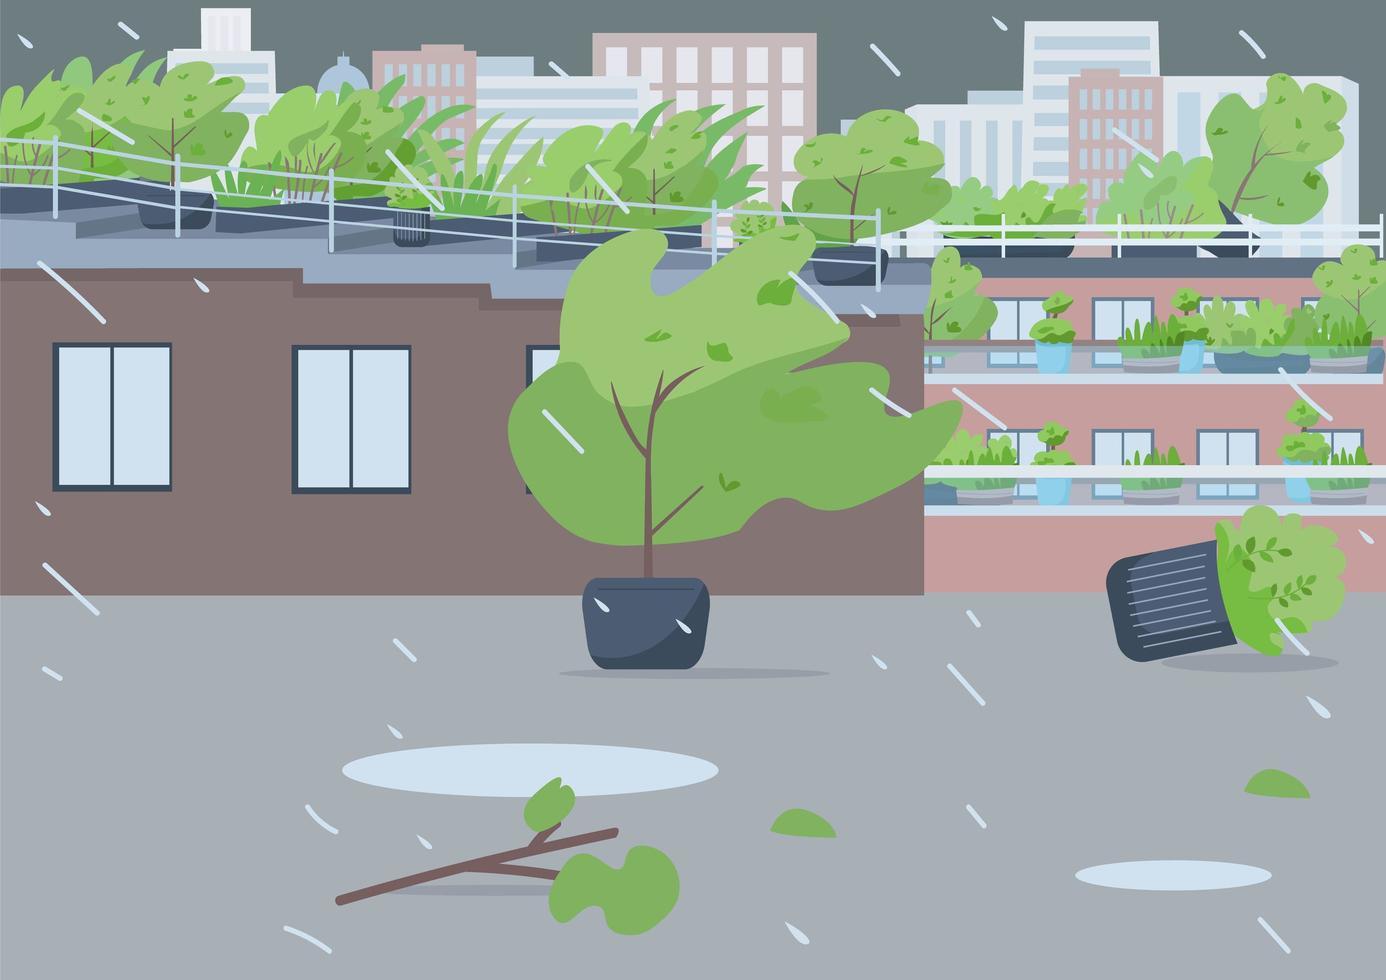 regenbui op lege straat vector